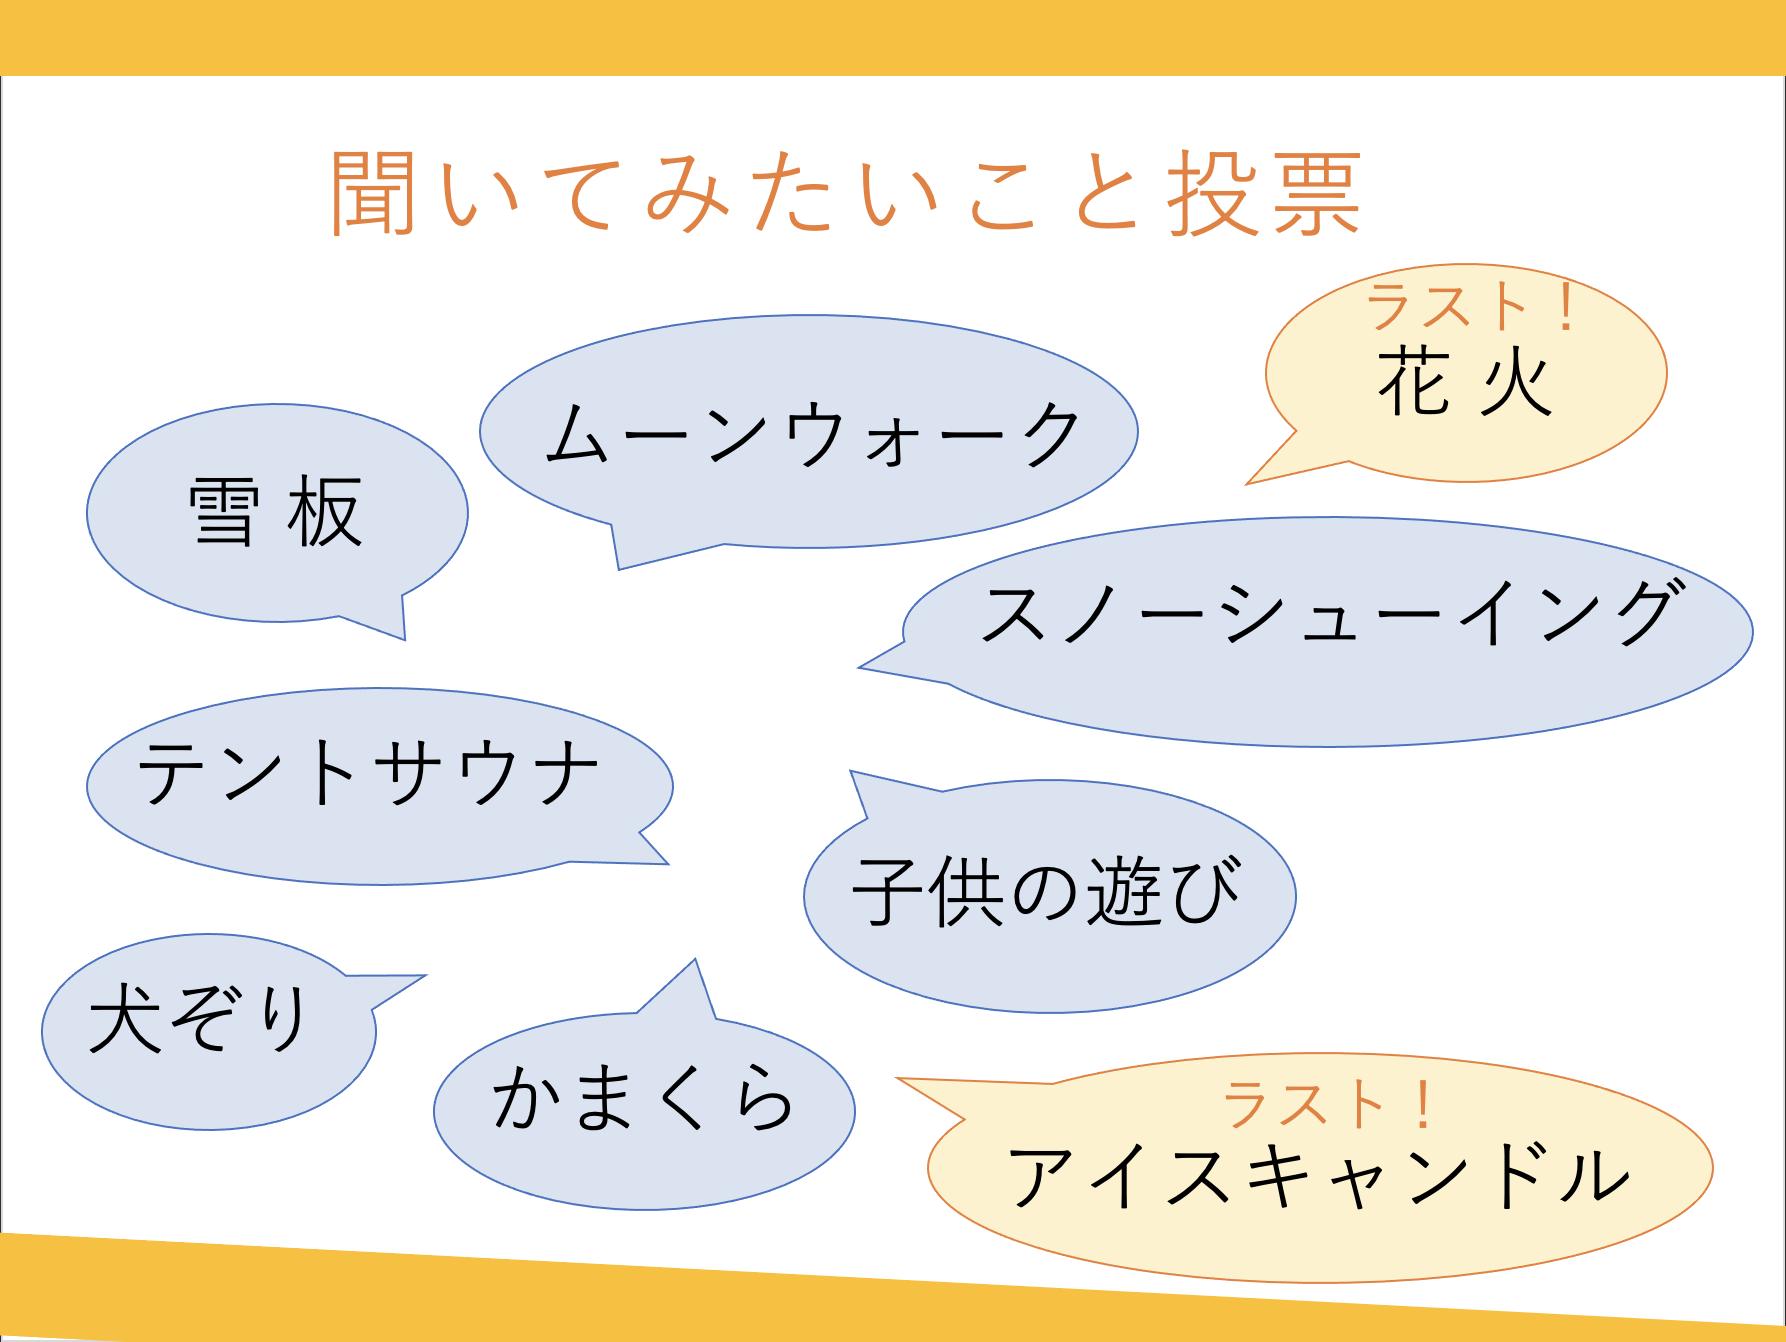 冬遊び 虎の巻 遊び例/></div>  <div align=